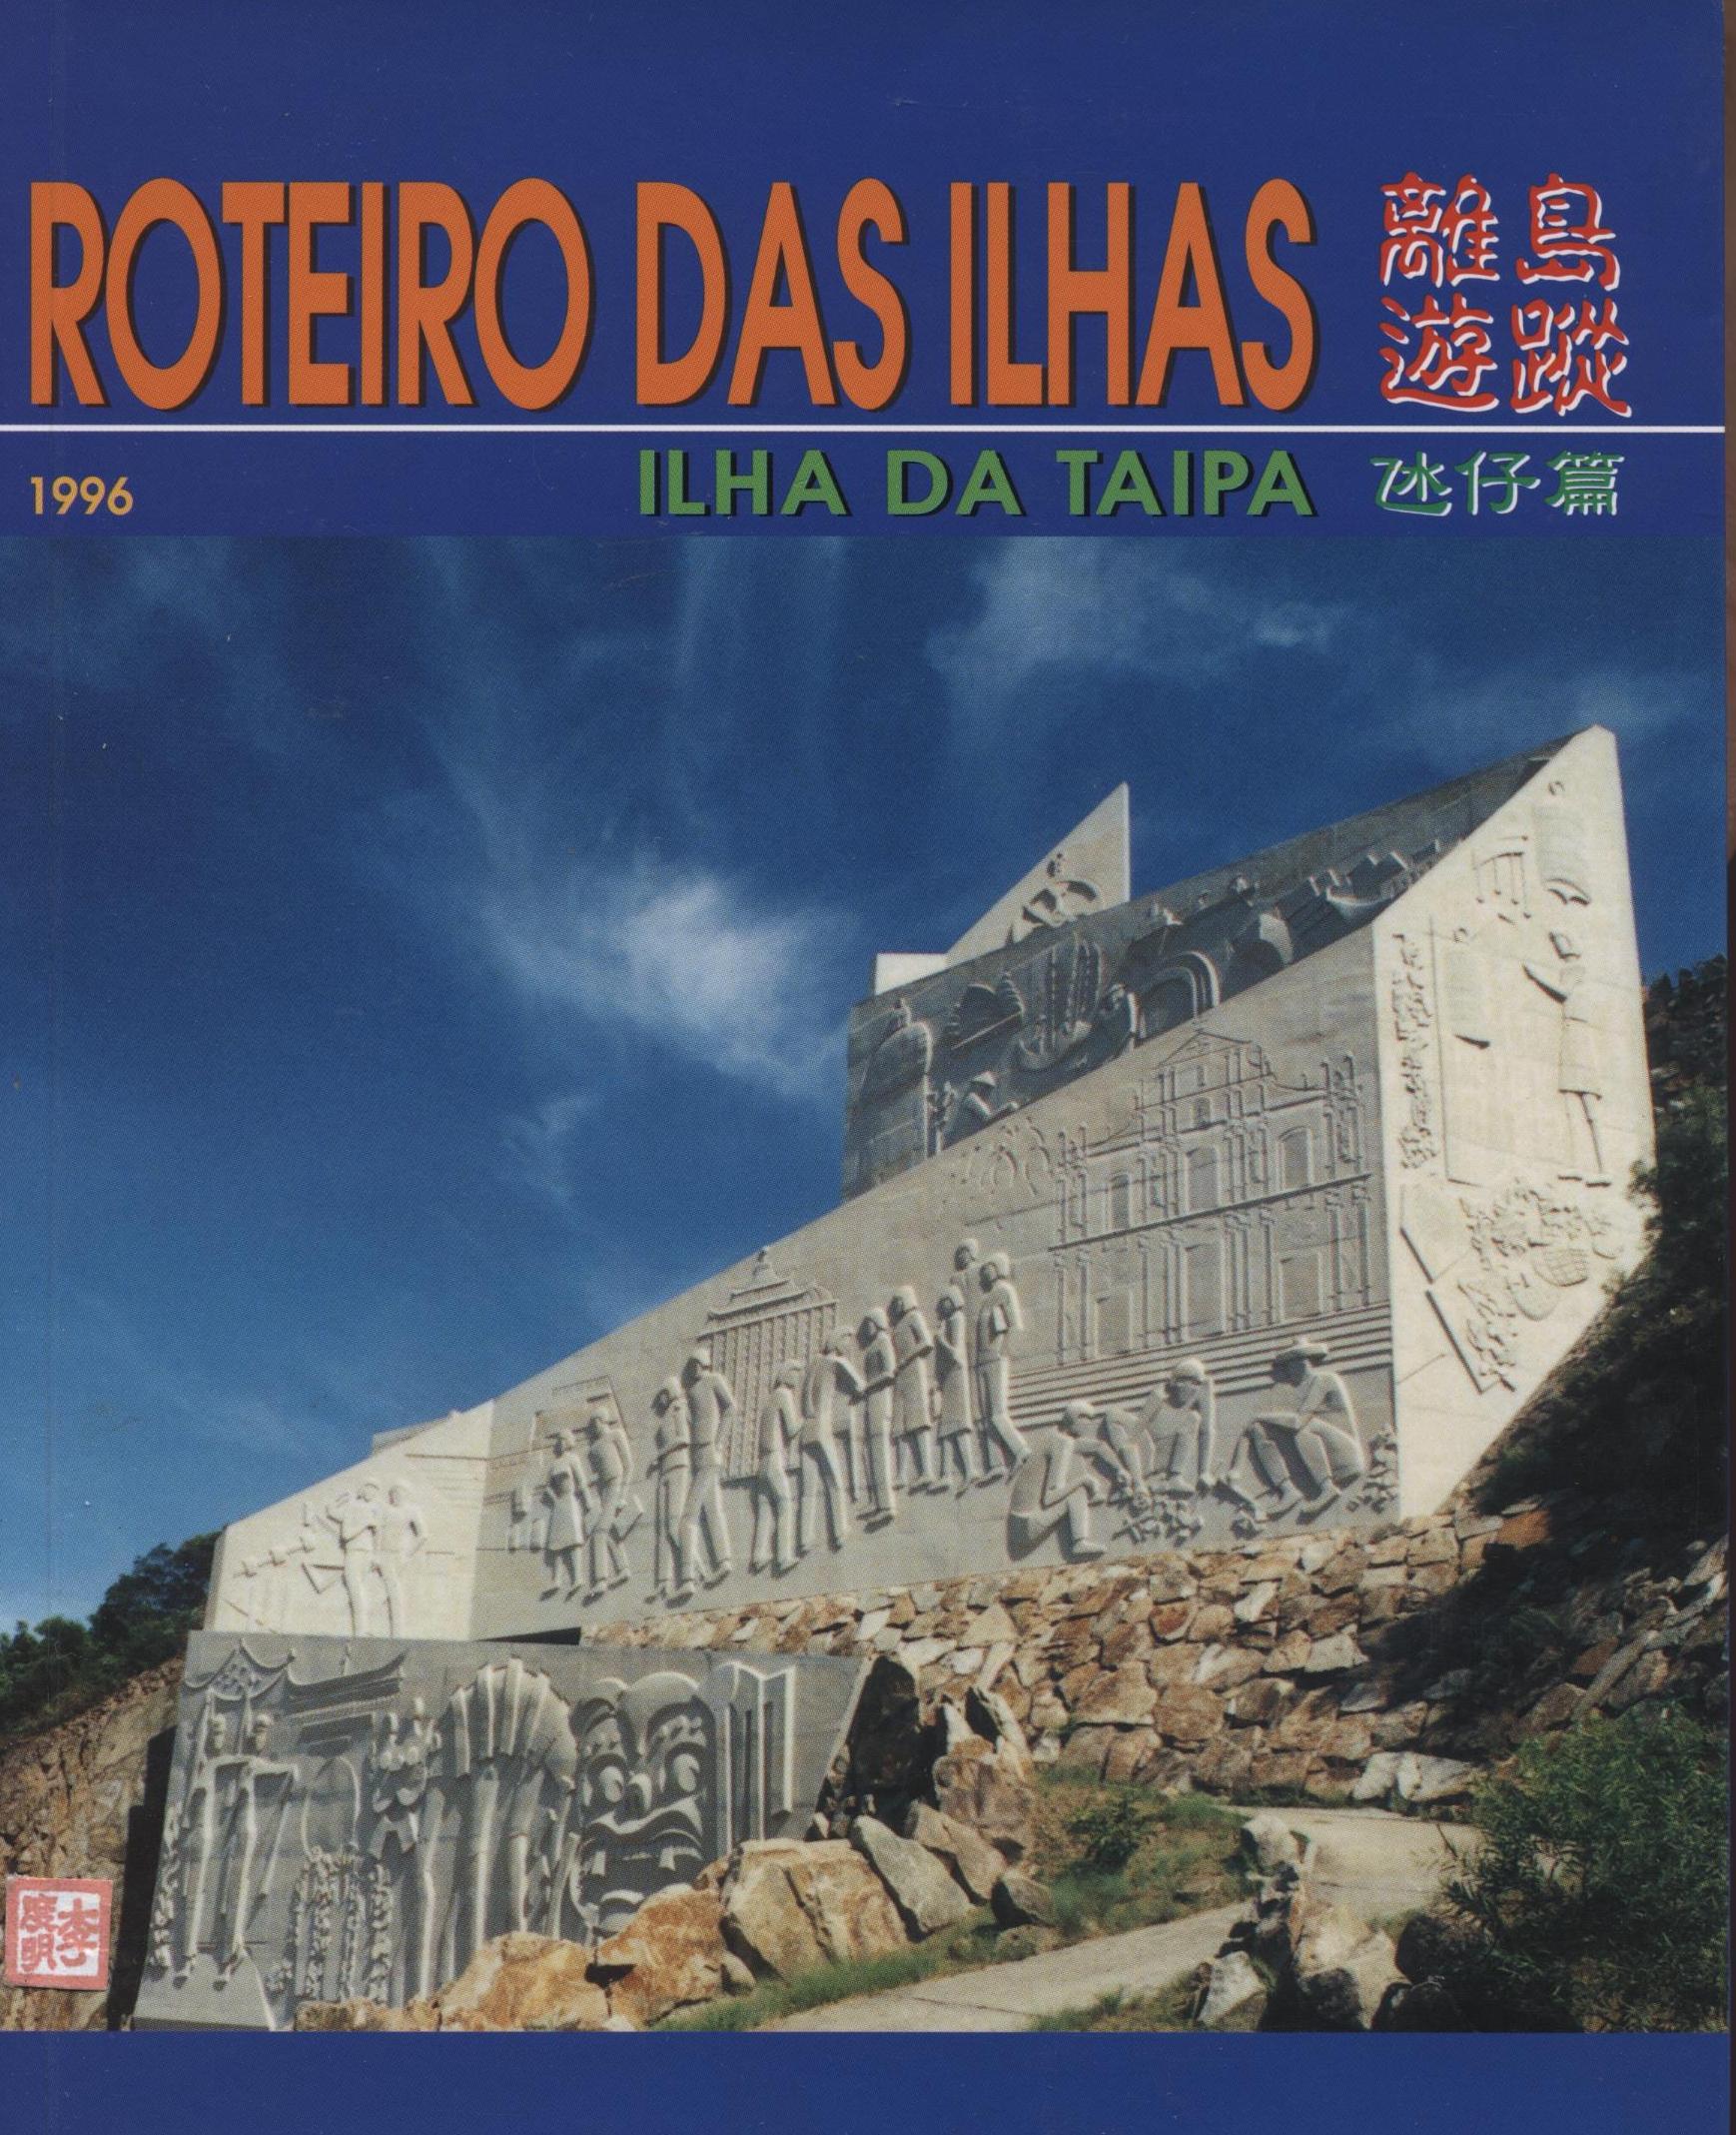 Roteiro das Ilhas -Ilda da Taipa CAPA